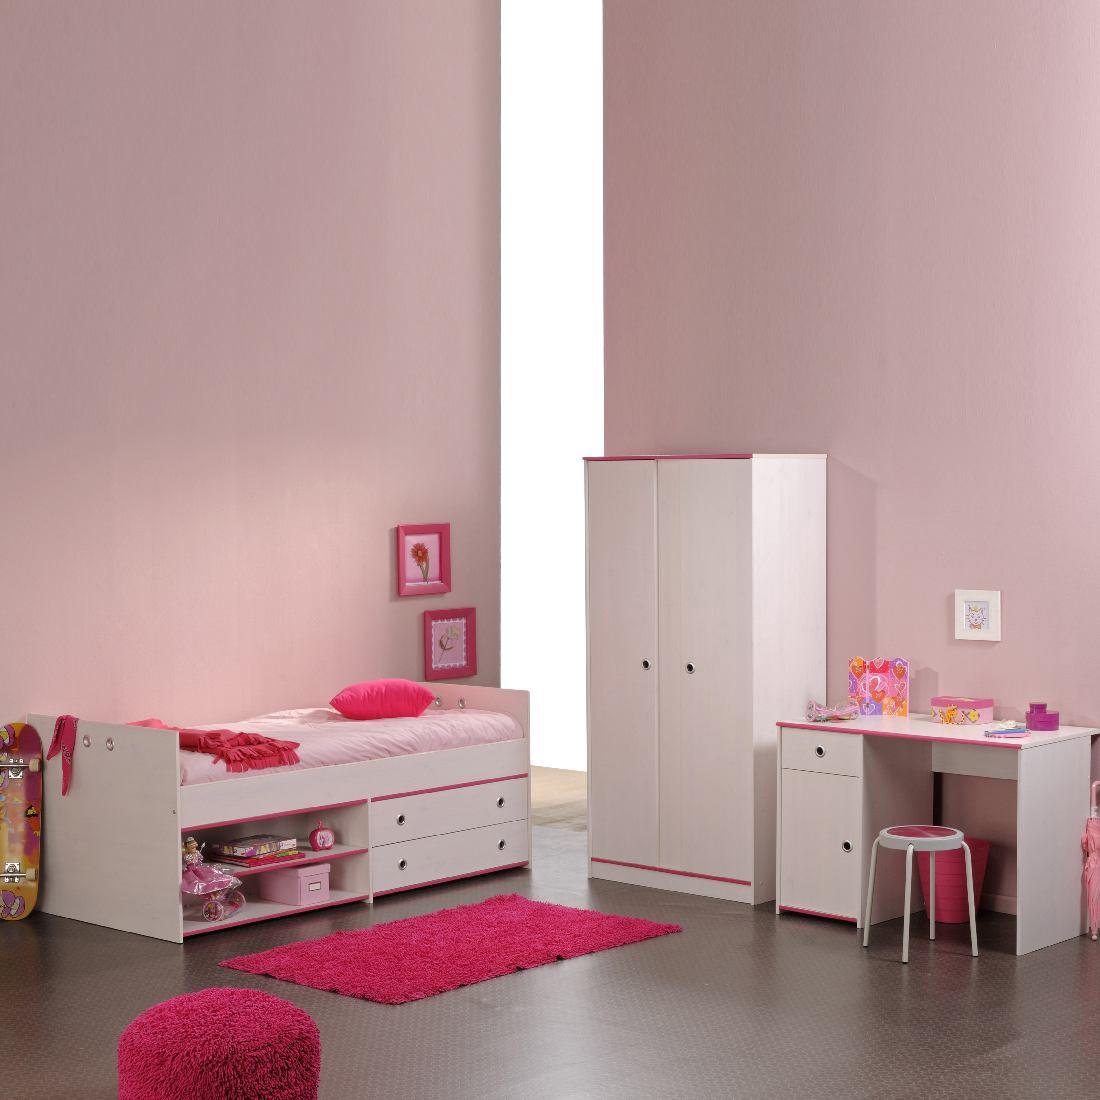 Smoozy Junior Set für Mädchen - 3-tlg. - Kleiderschrank, Stauraum-Bett & Schreibtisch - weiß mit rosa Kanten, Parisot Meubles